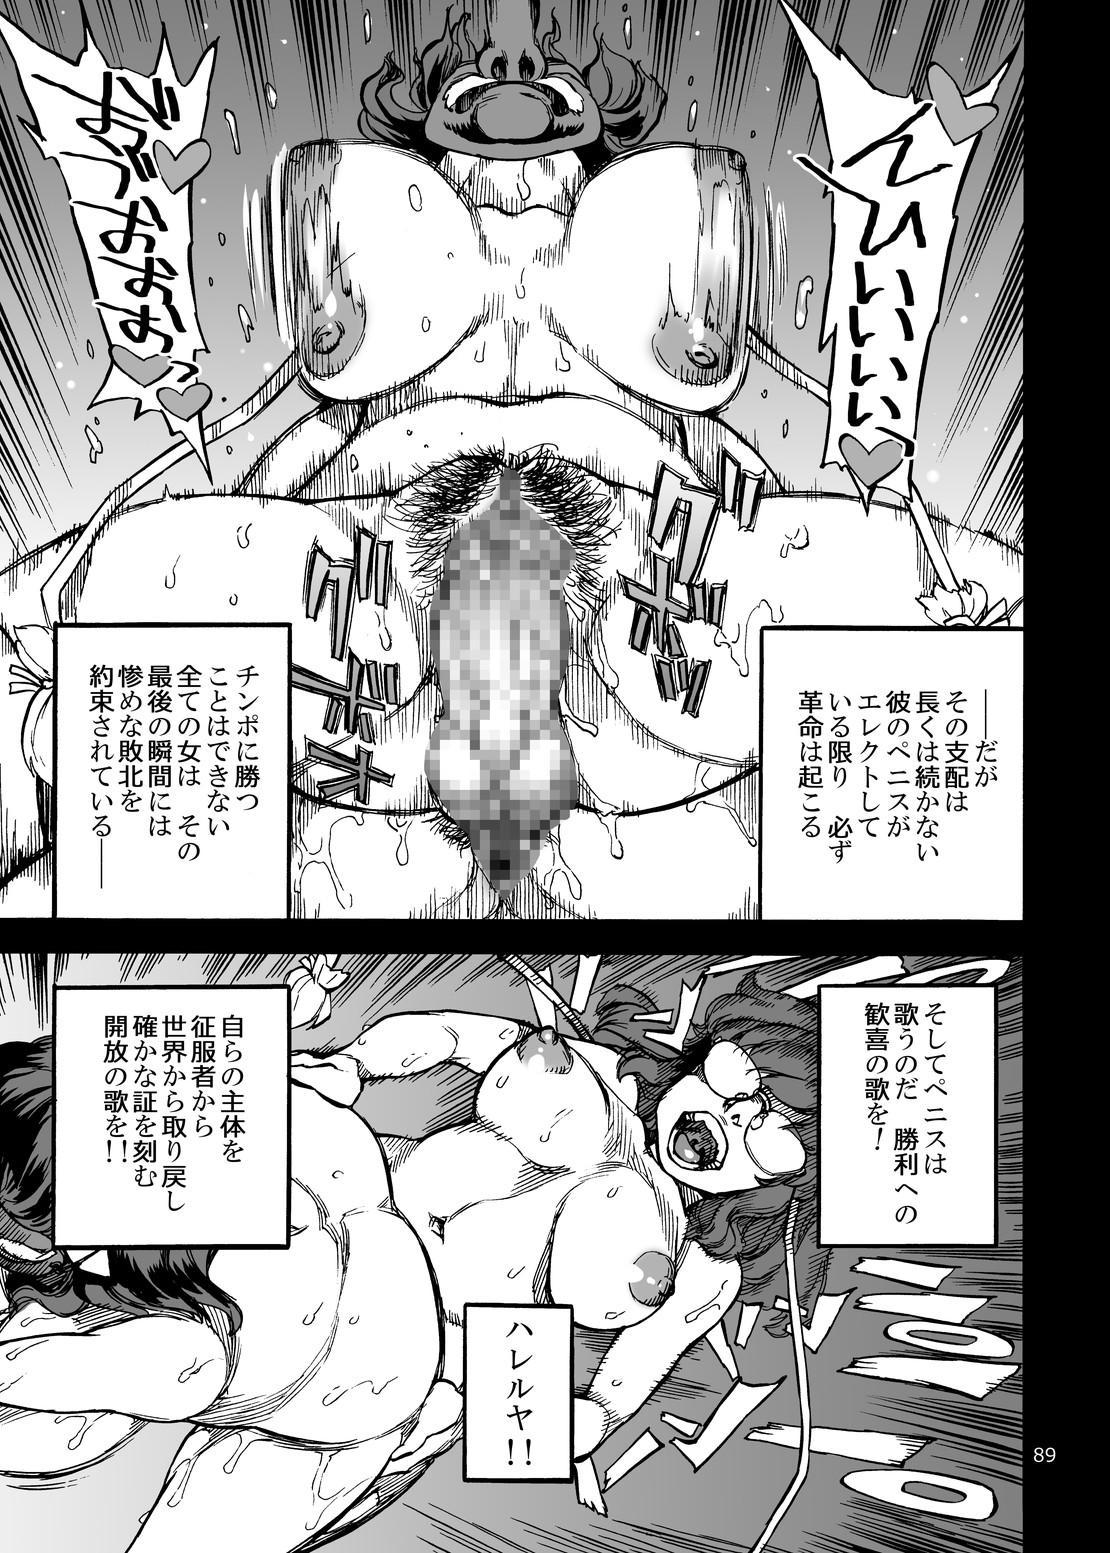 Shikibo Natsu 88